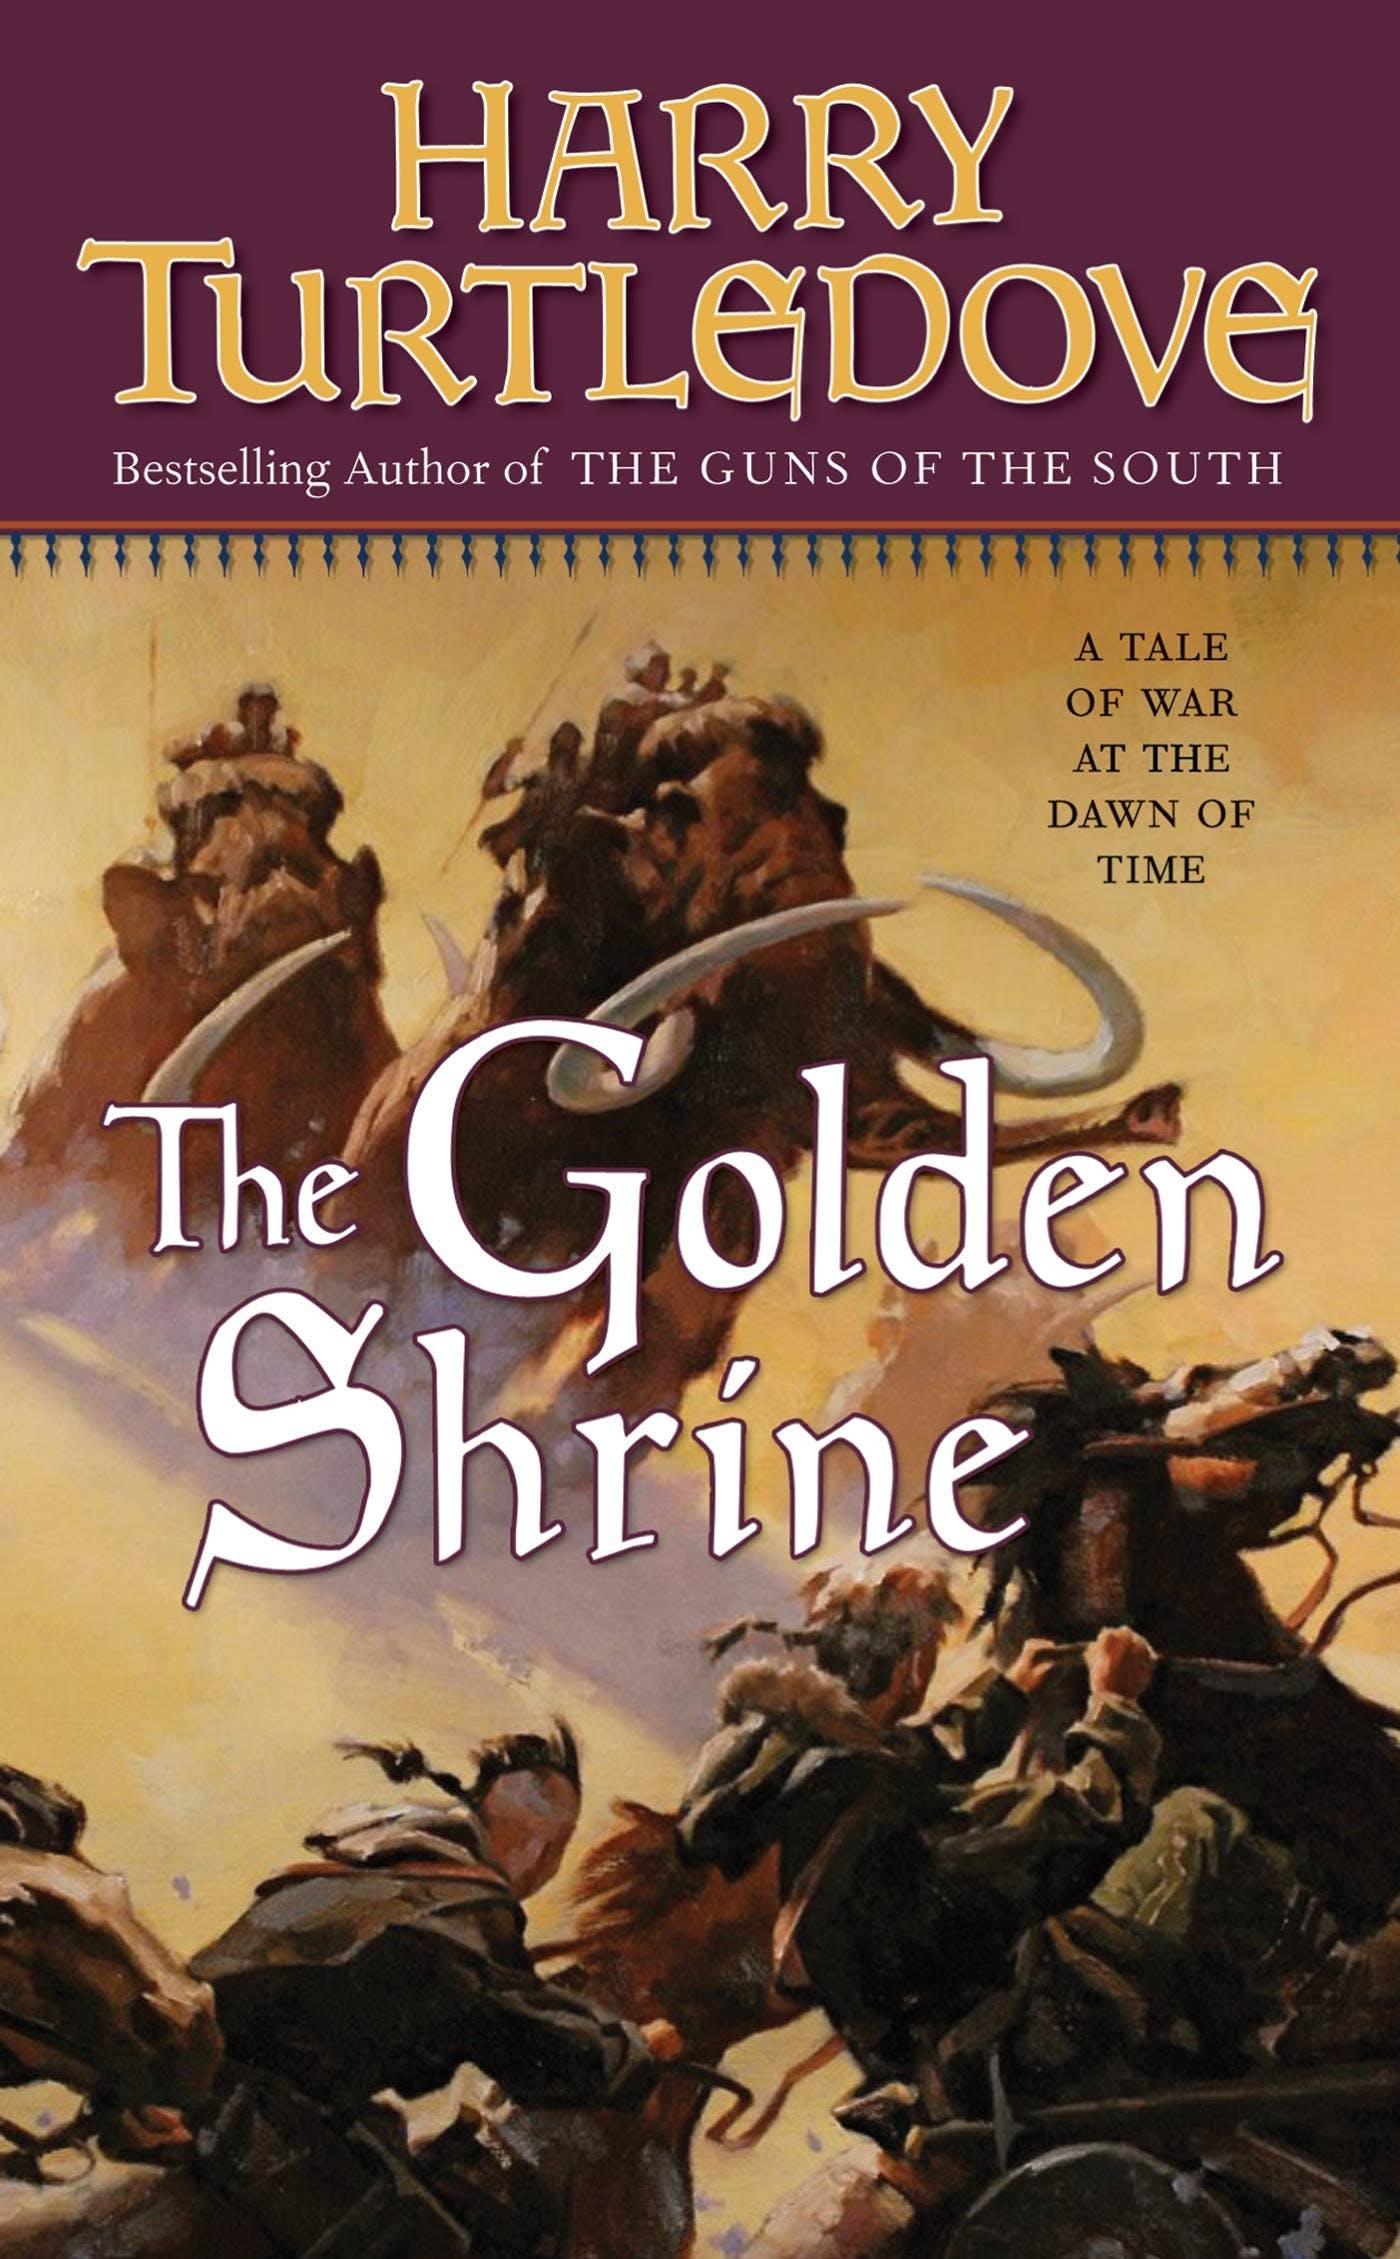 Image of The Golden Shrine